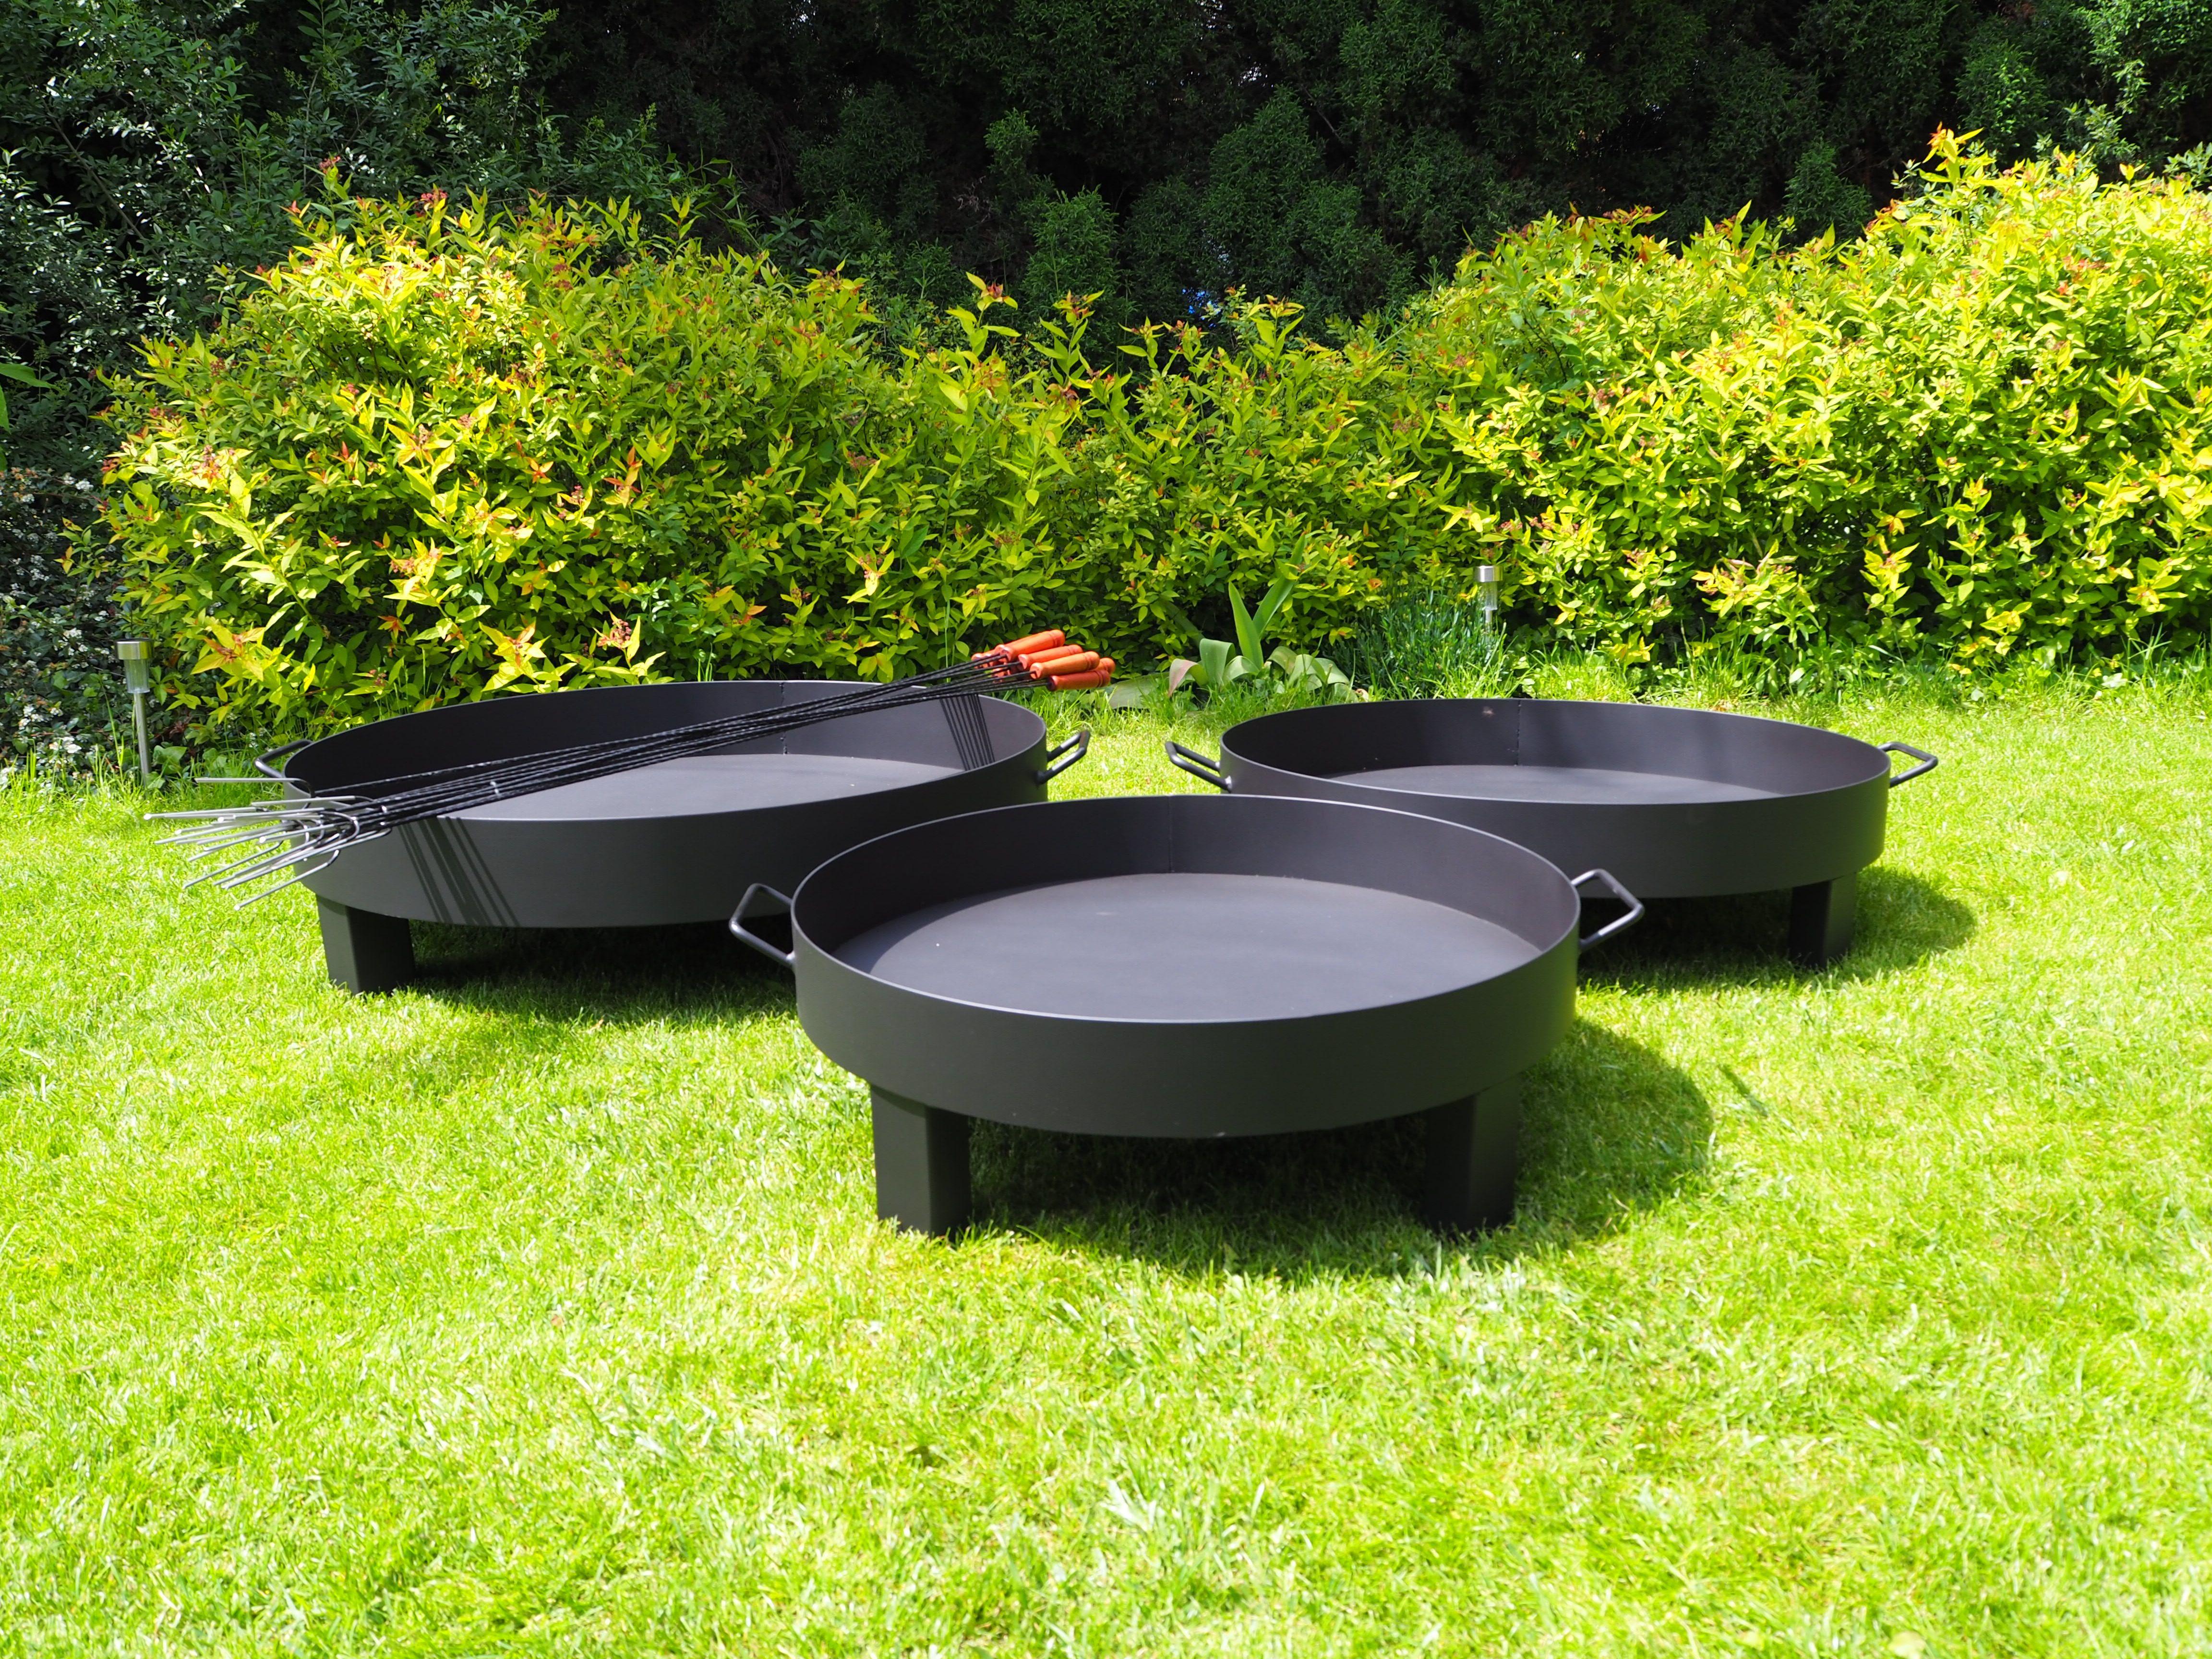 Solidne Paleniska Wykonane Z Grubej 3mm Blachy Garden Pots Garden Pot Tray Pot